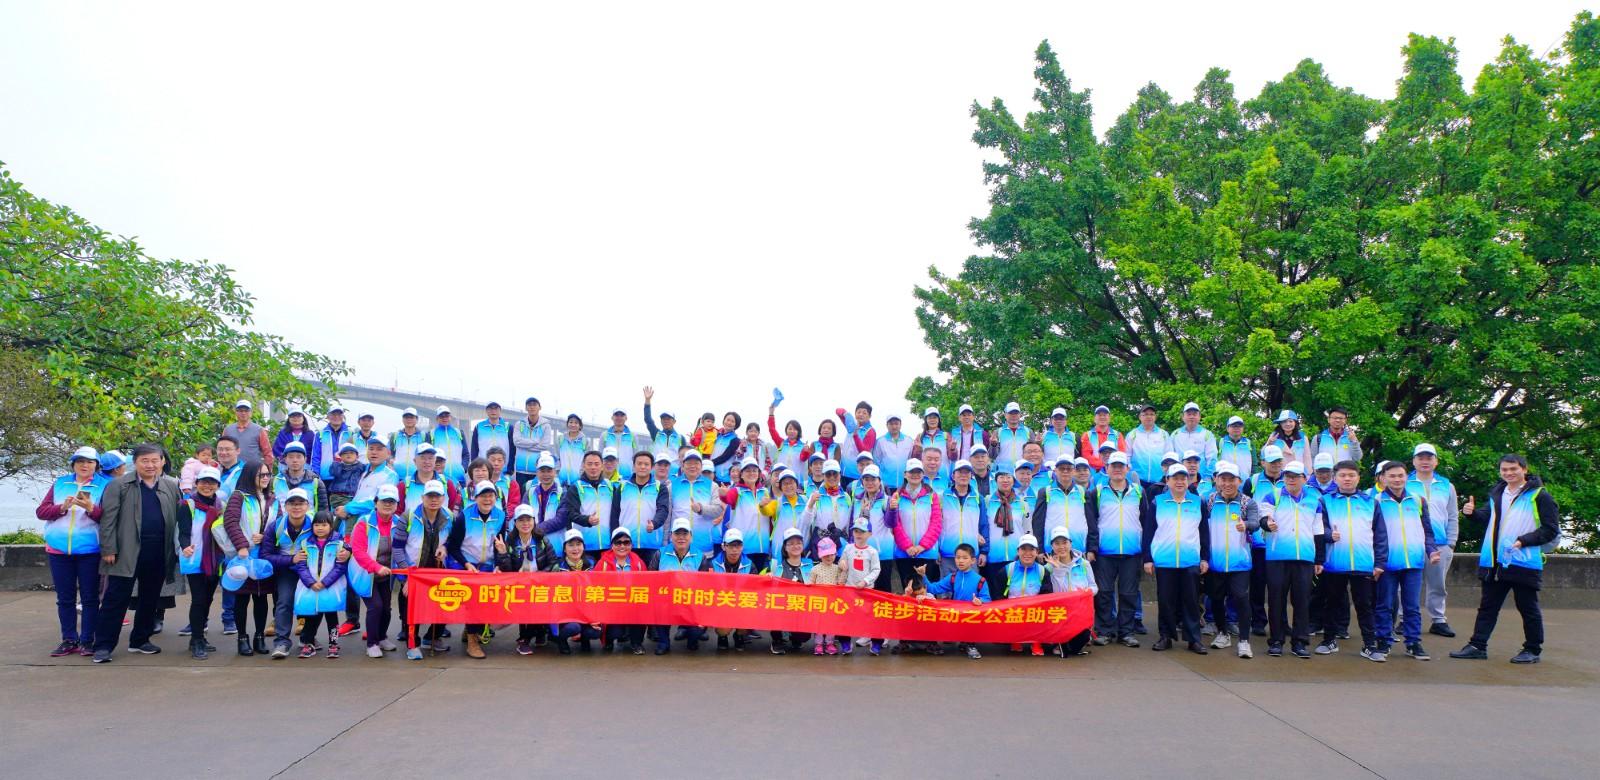 广东智慧教育IT应用研讨会及第三届公益徒步活动